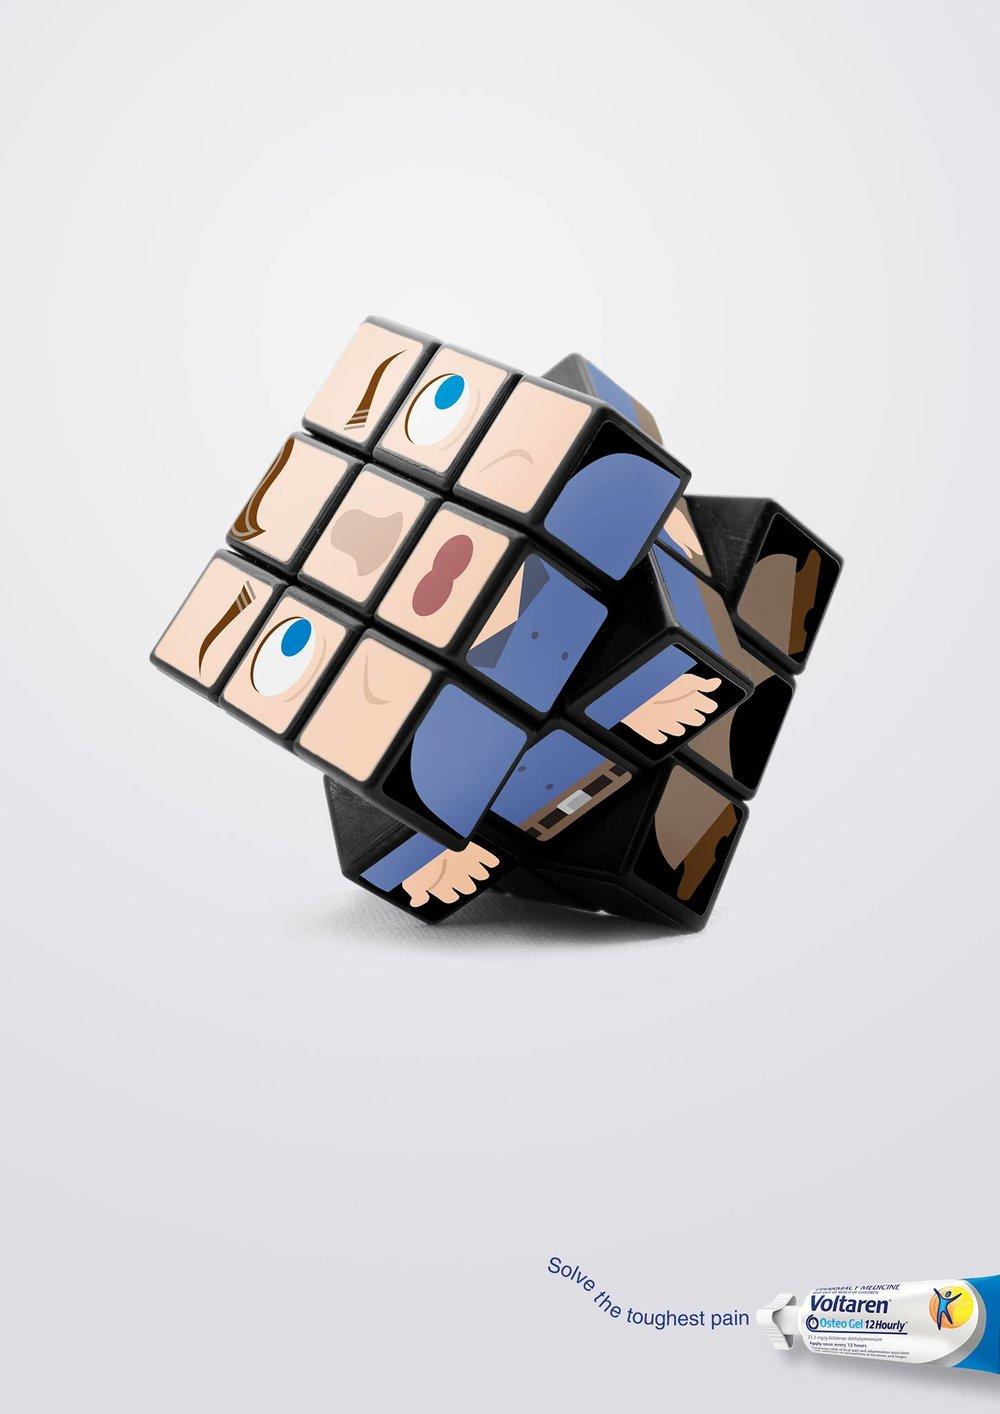 voltaren cube.jpg